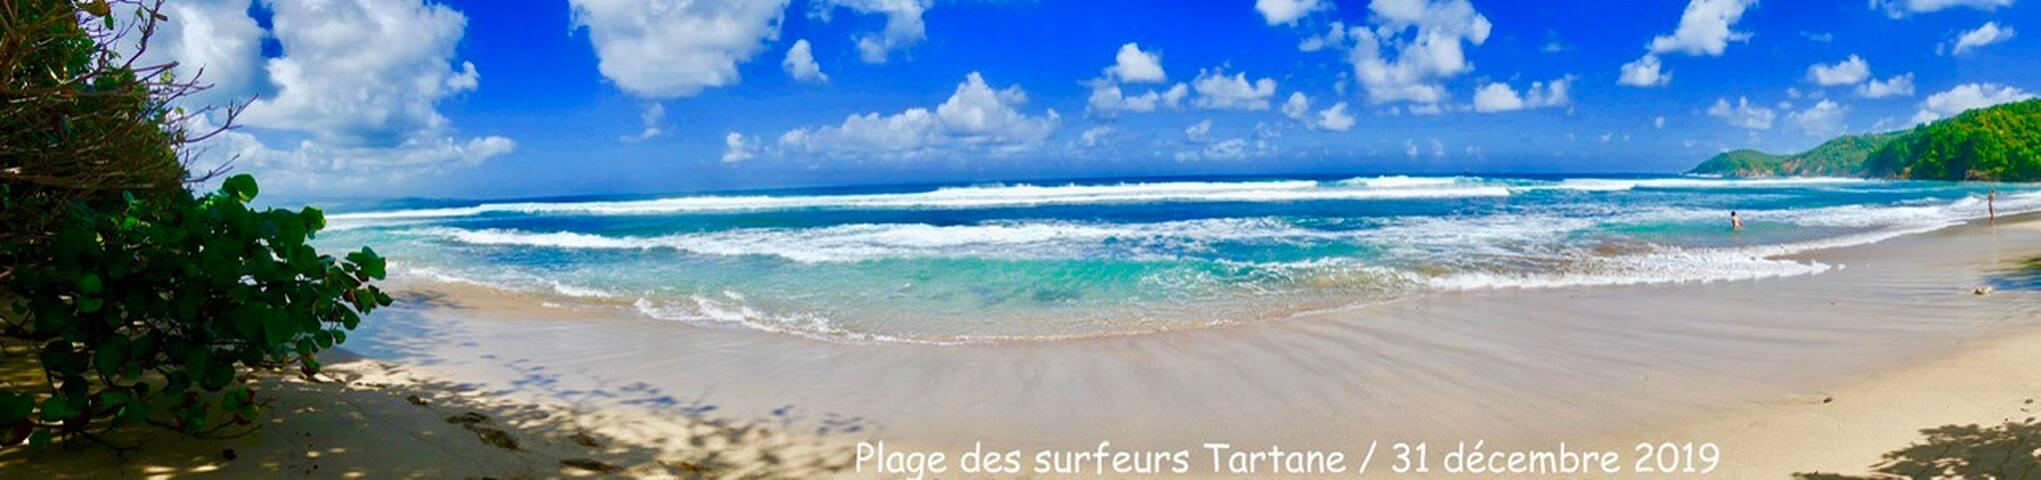 Villa plage des surfeurs